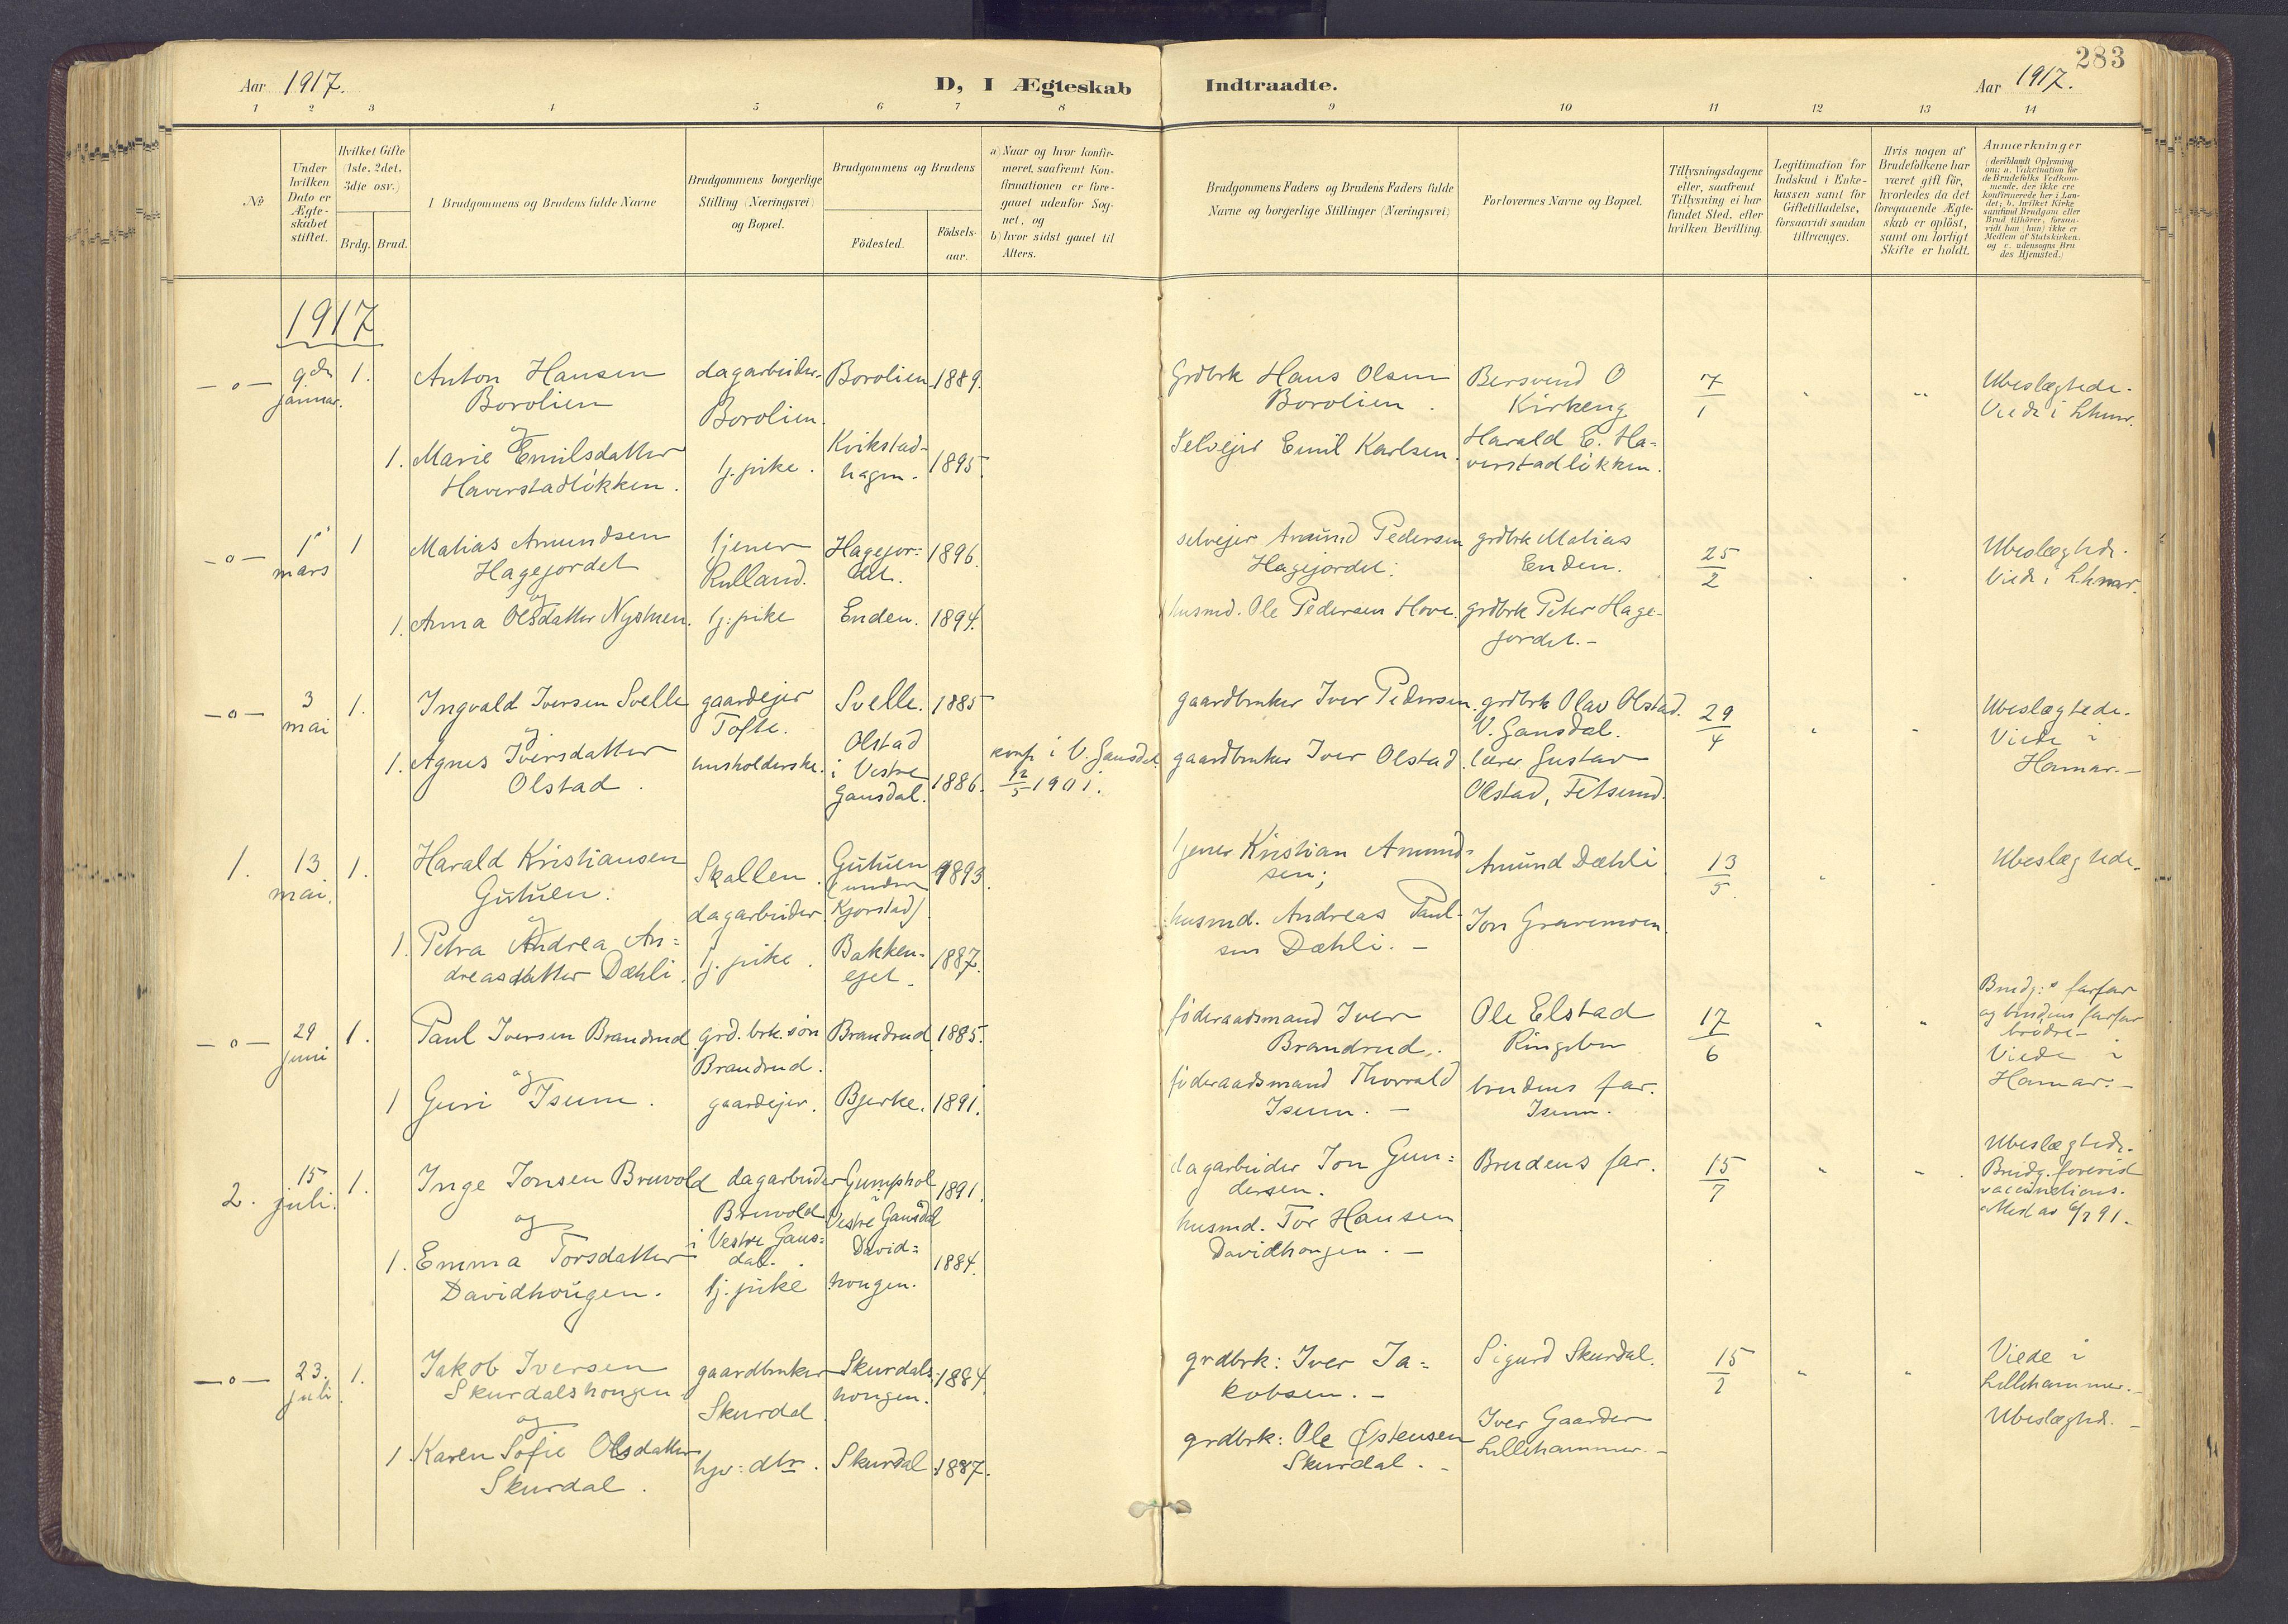 SAH, Sør-Fron prestekontor, H/Ha/Haa/L0004: Ministerialbok nr. 4, 1898-1919, s. 283